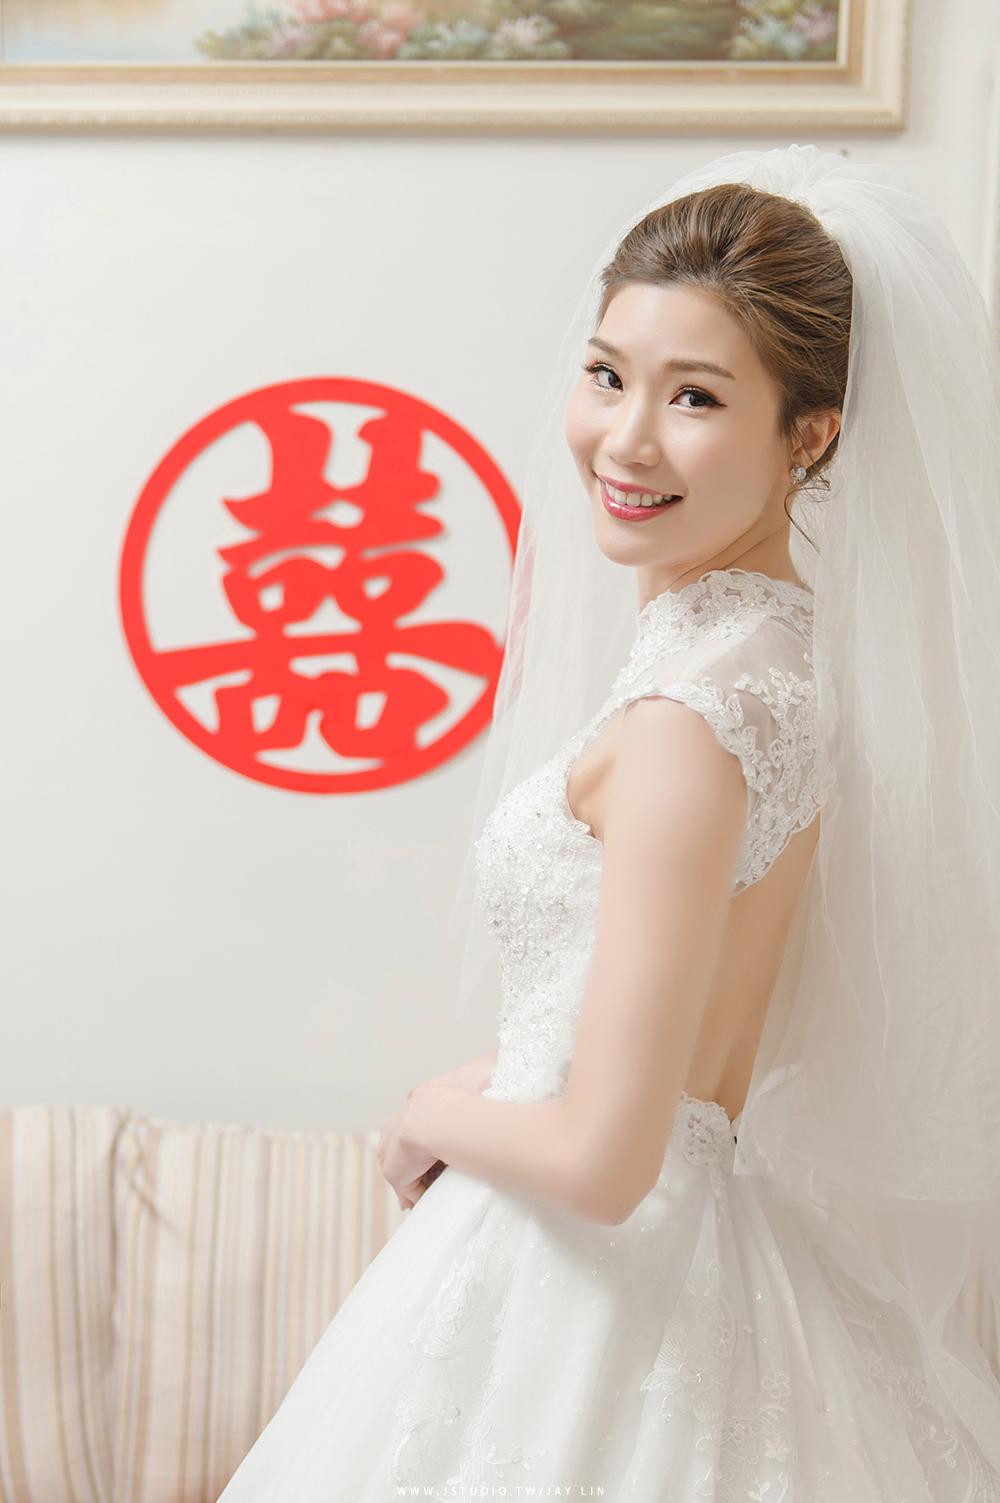 婚攝 台北婚攝 婚禮紀錄 婚攝 推薦婚攝 格萊天漾 JSTUDIO_0062